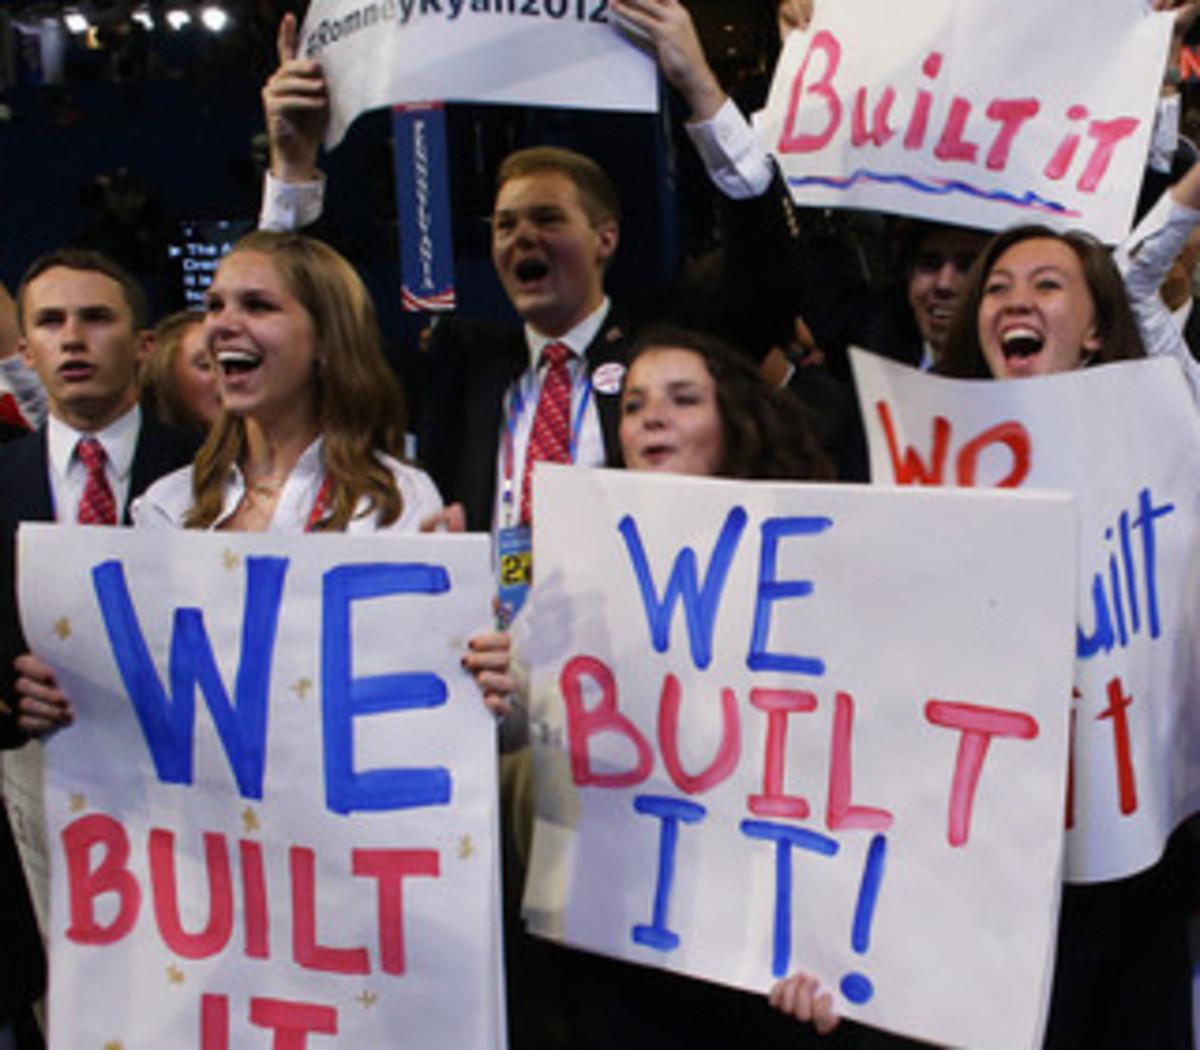 we_built_it